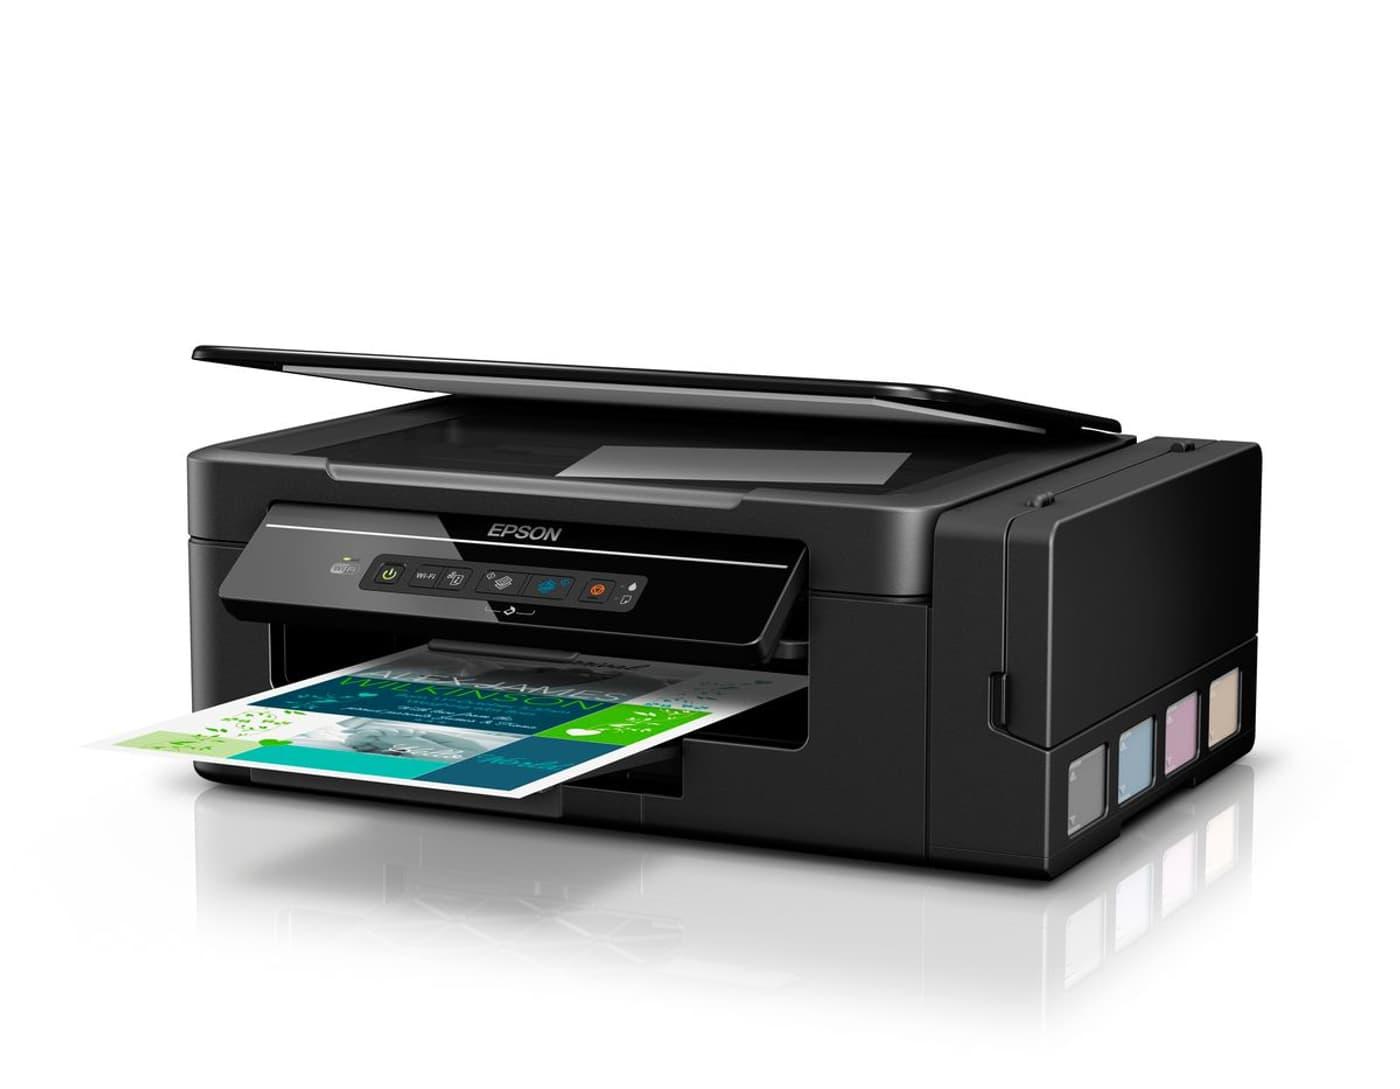 Epson ecotank et 2600 drucker scanner kopierer fr for Drucker scanner kopierer